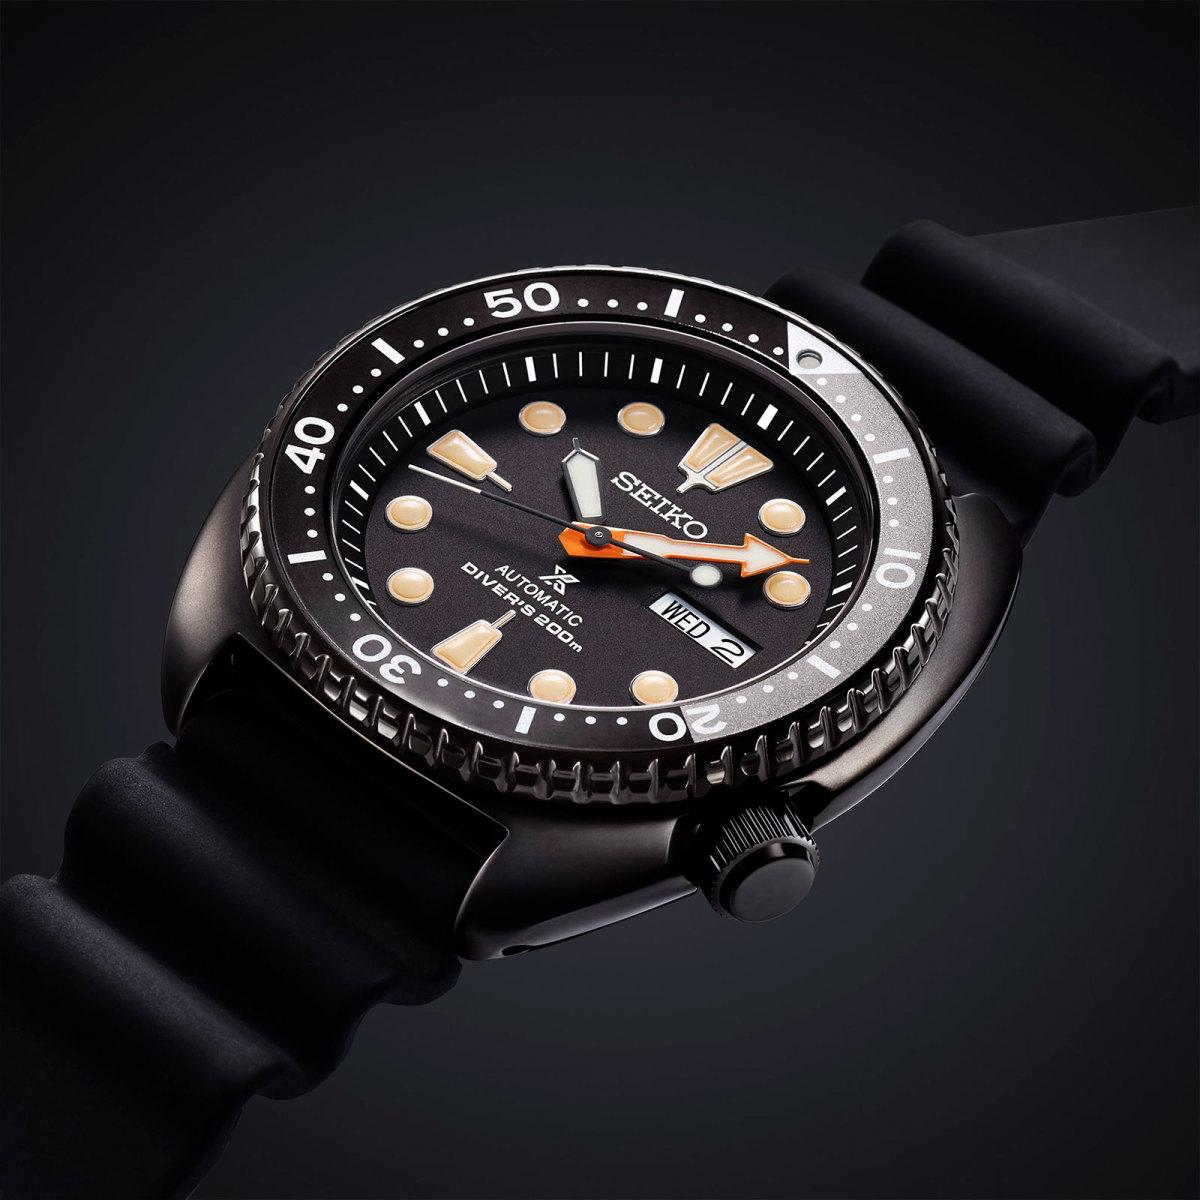 Seiko reveals a trio of Prospex divers in a new black finish